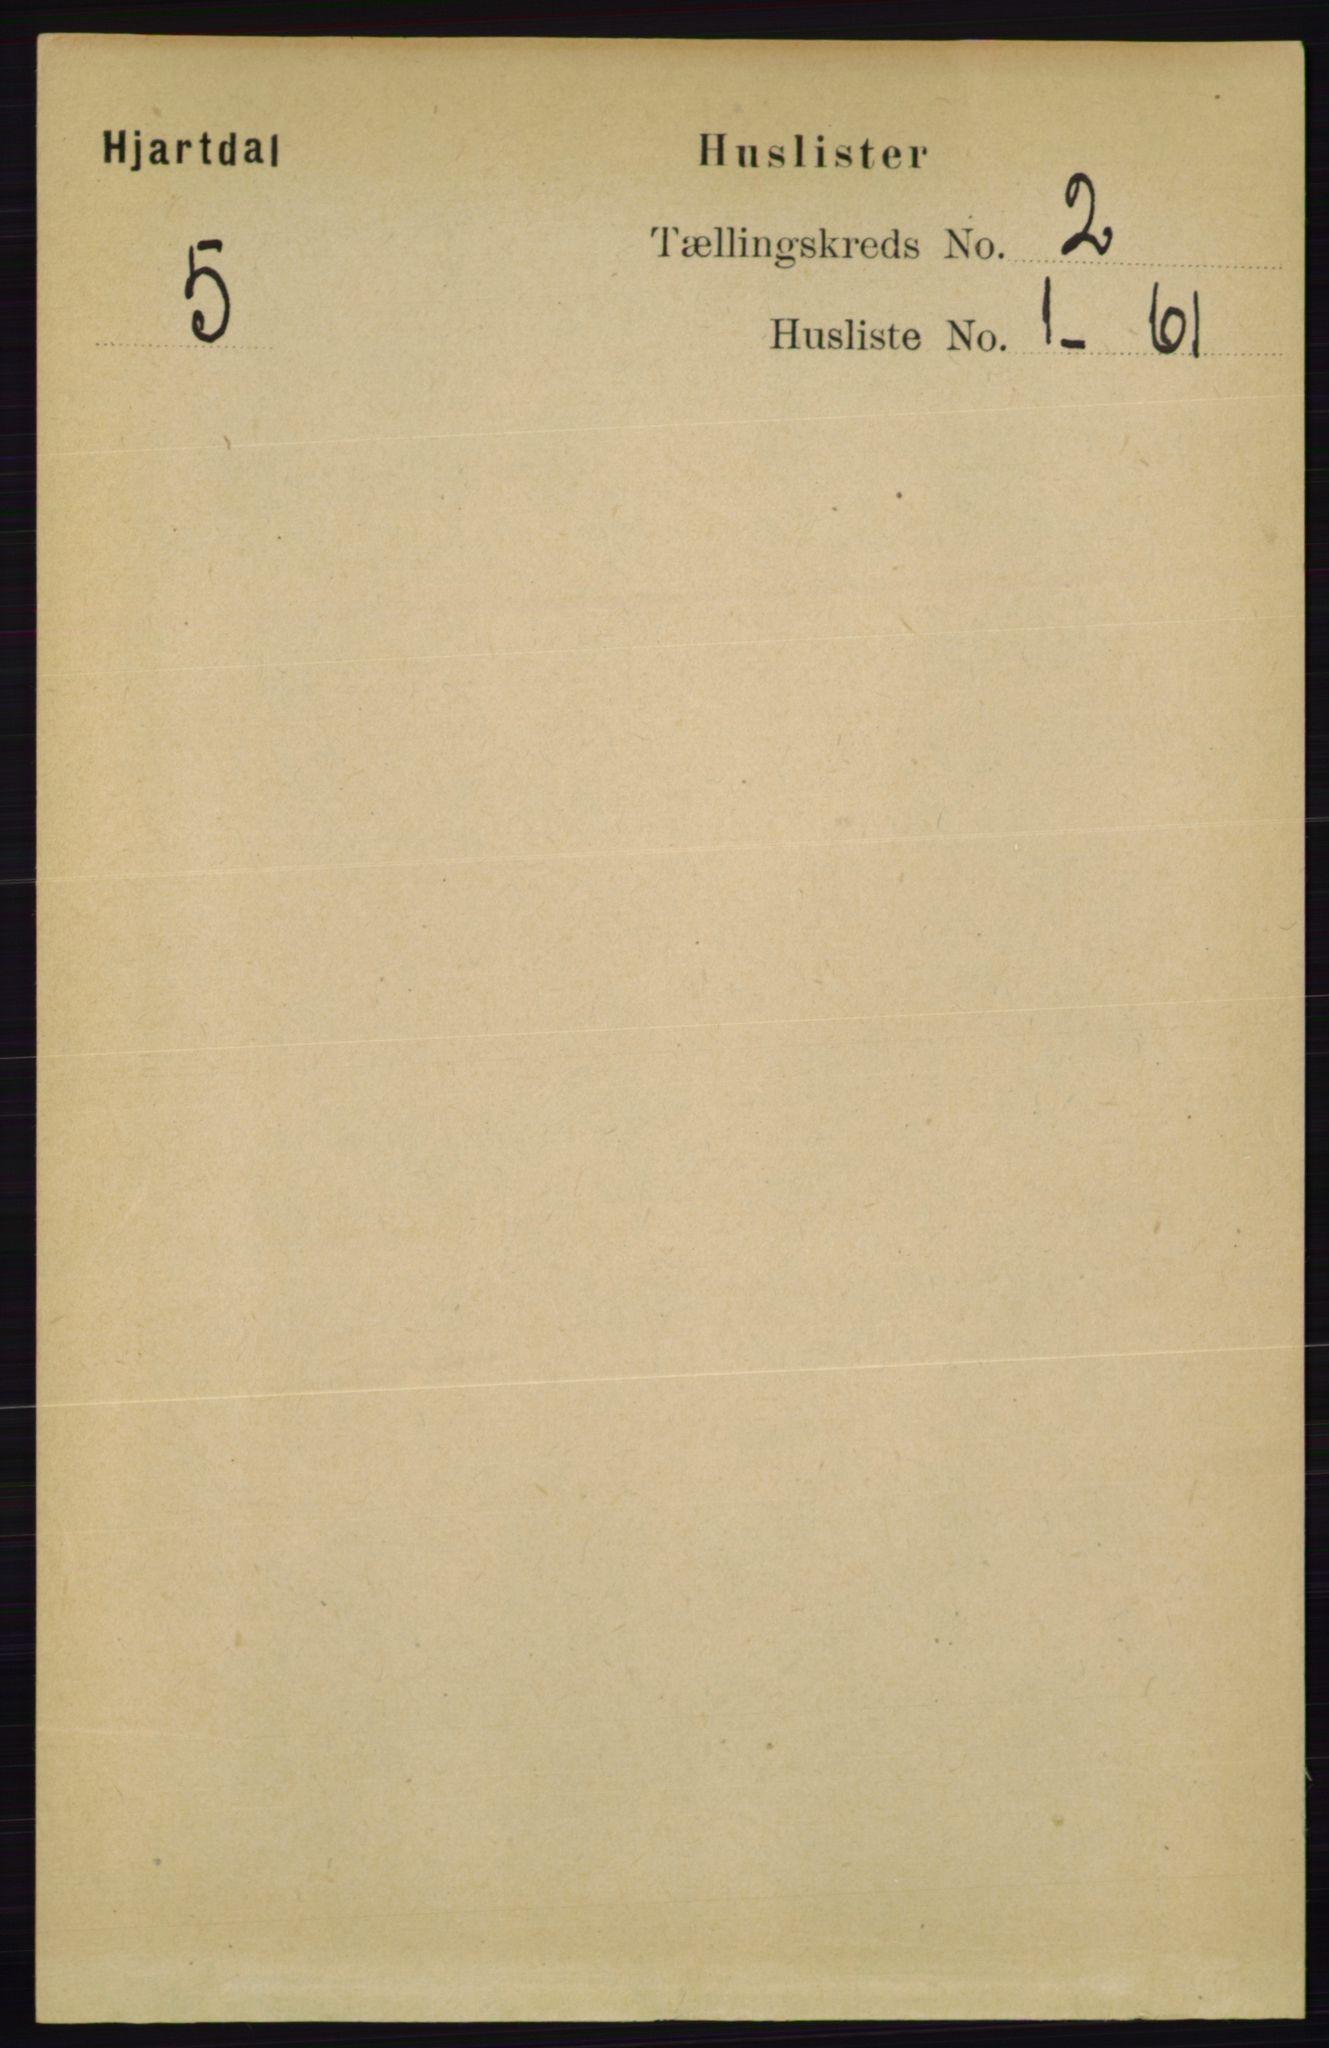 RA, Folketelling 1891 for 0827 Hjartdal herred, 1891, s. 628